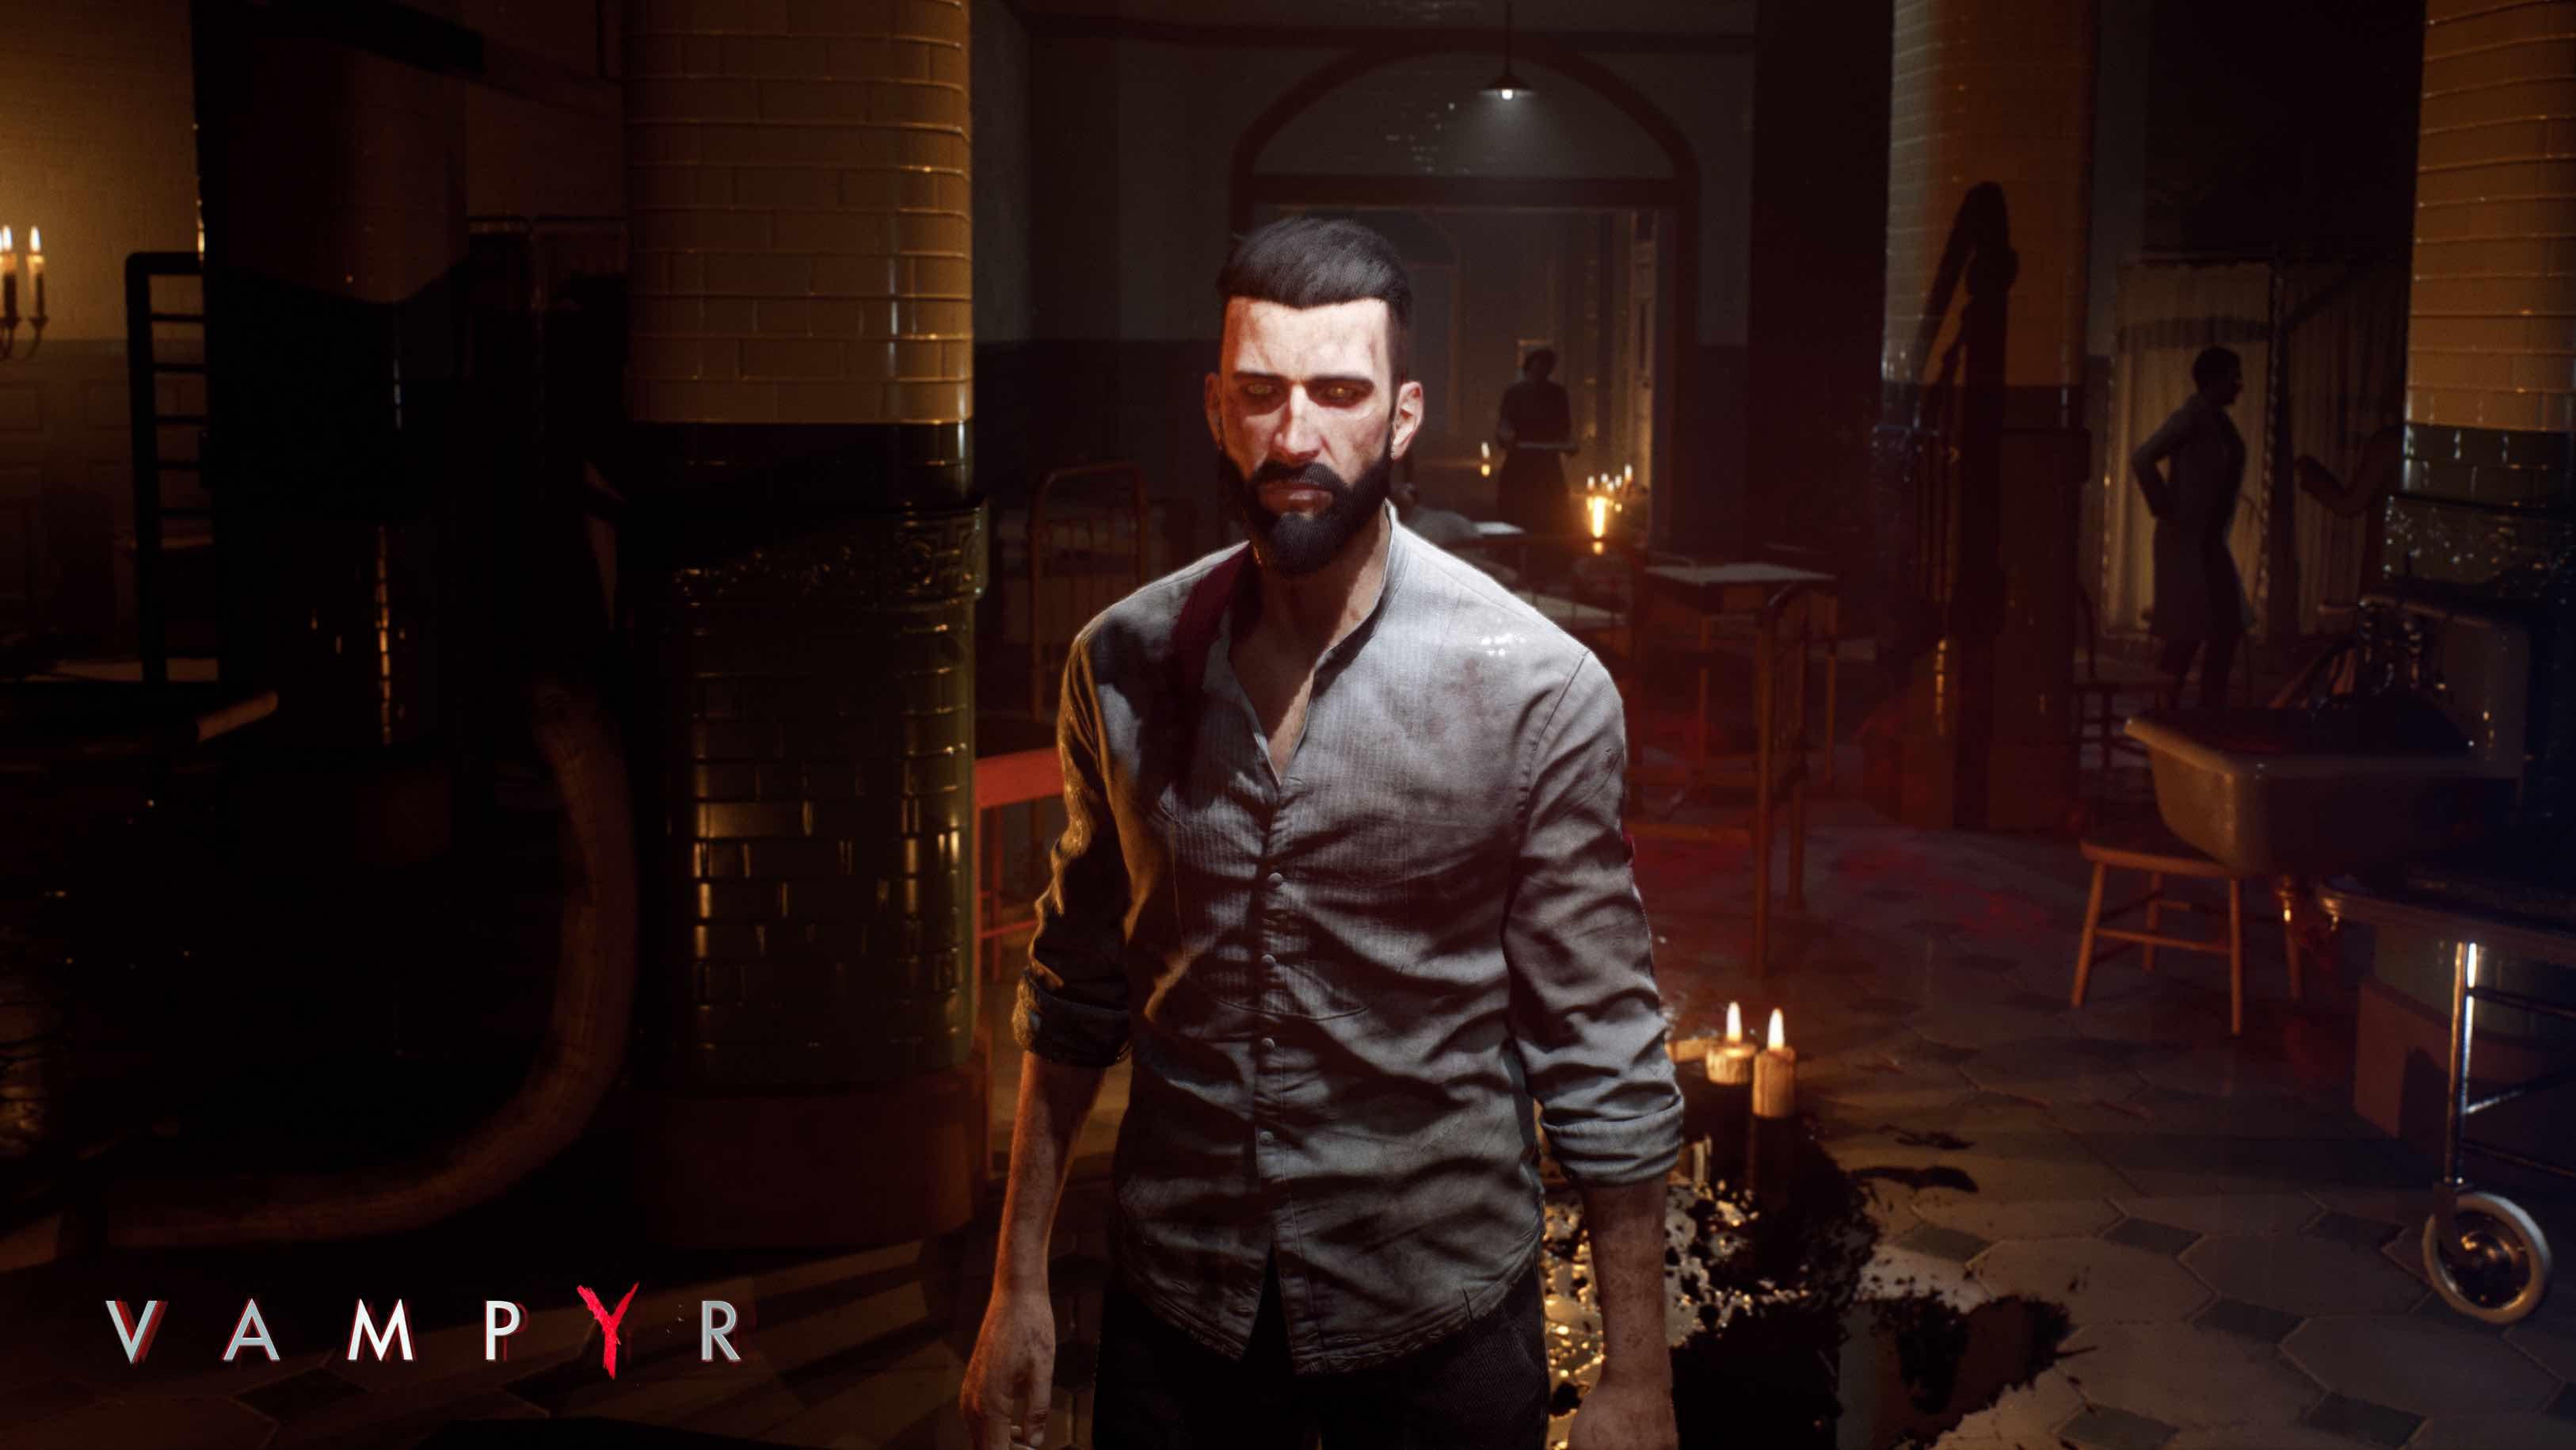 Vampyr, el juego de los creadores de Life is Strange, sorprende con sus ventas